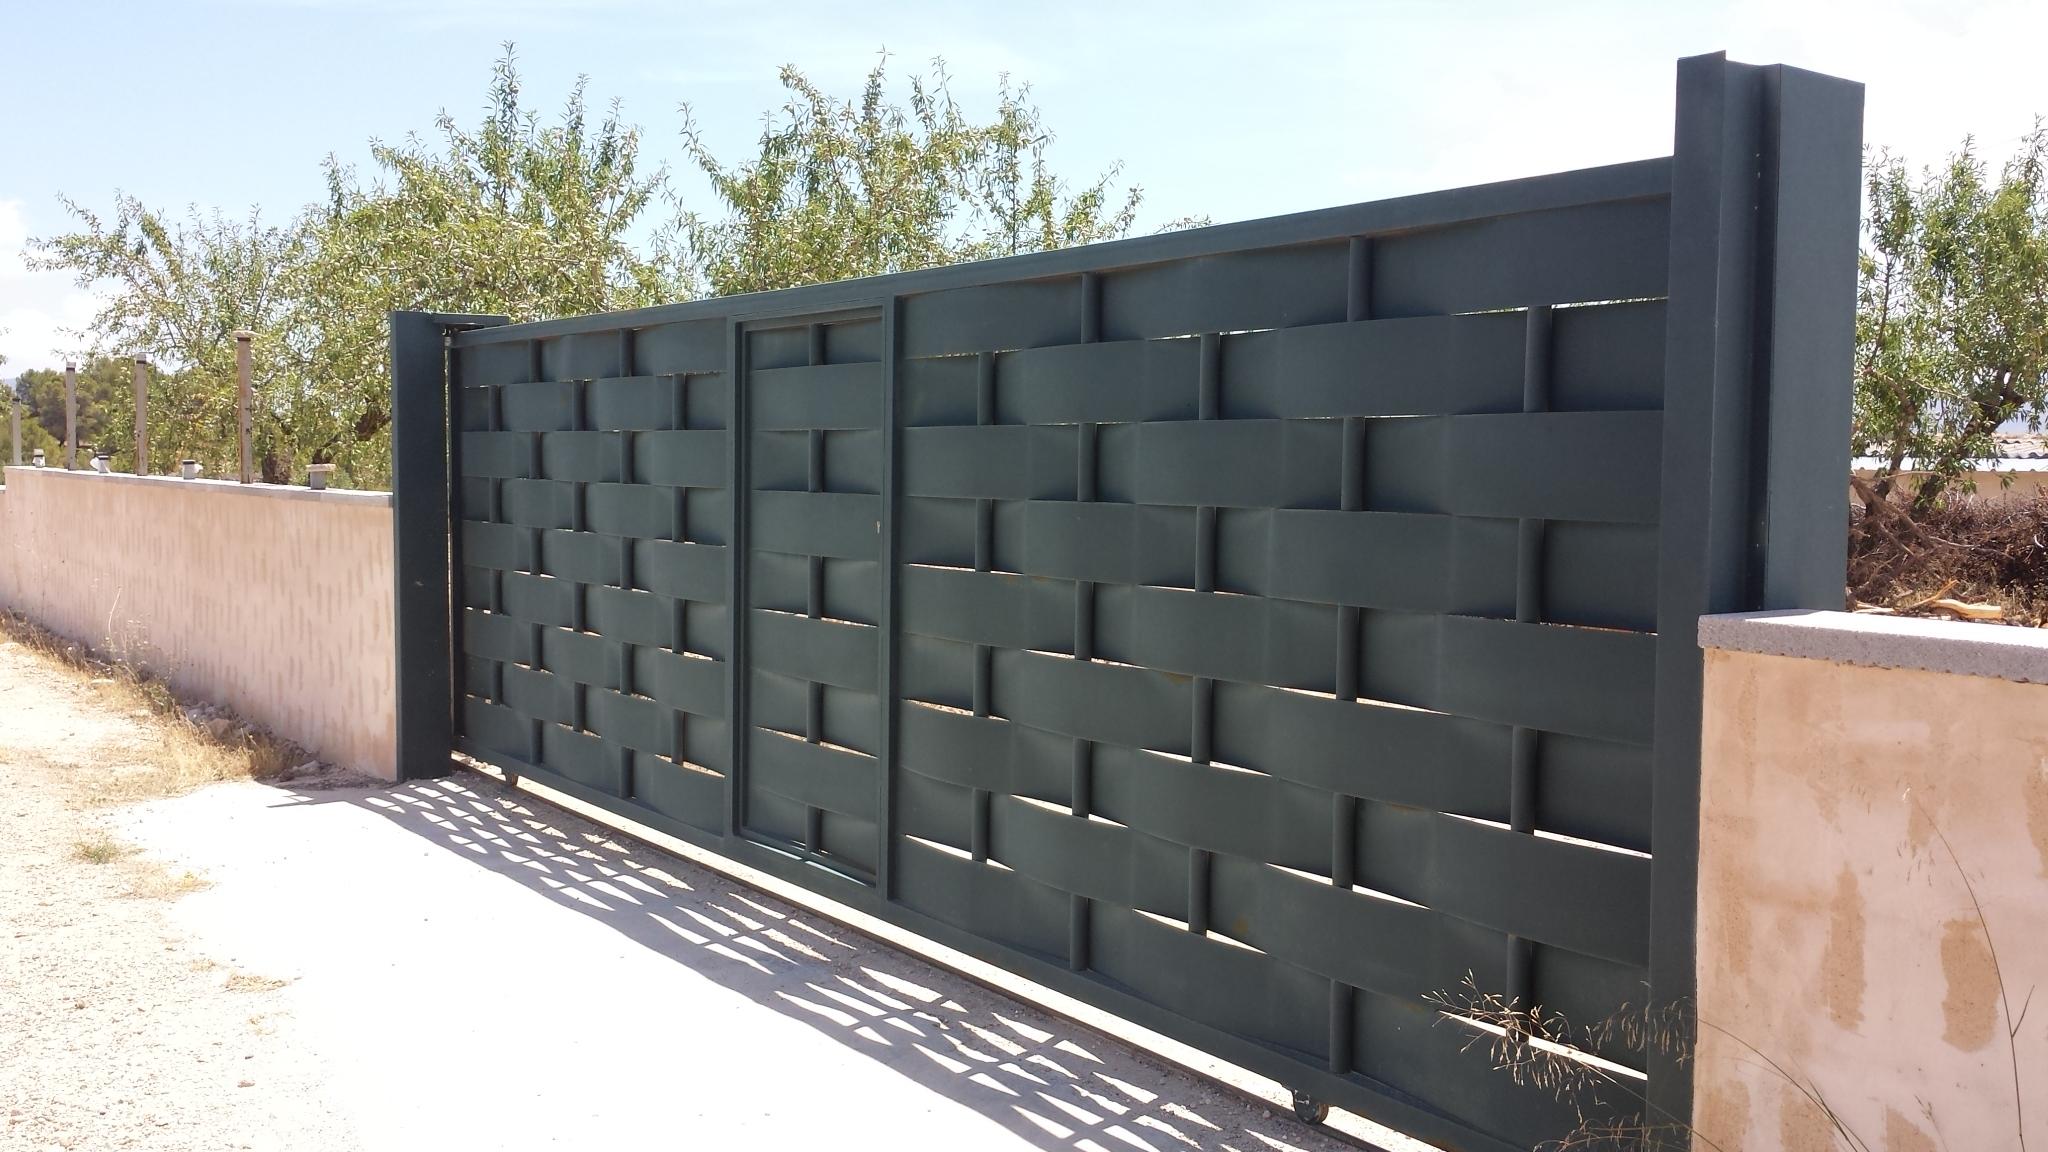 Vinuesa vallas cercados modelos de valla verjas chapa - Vallas exteriores para casas ...